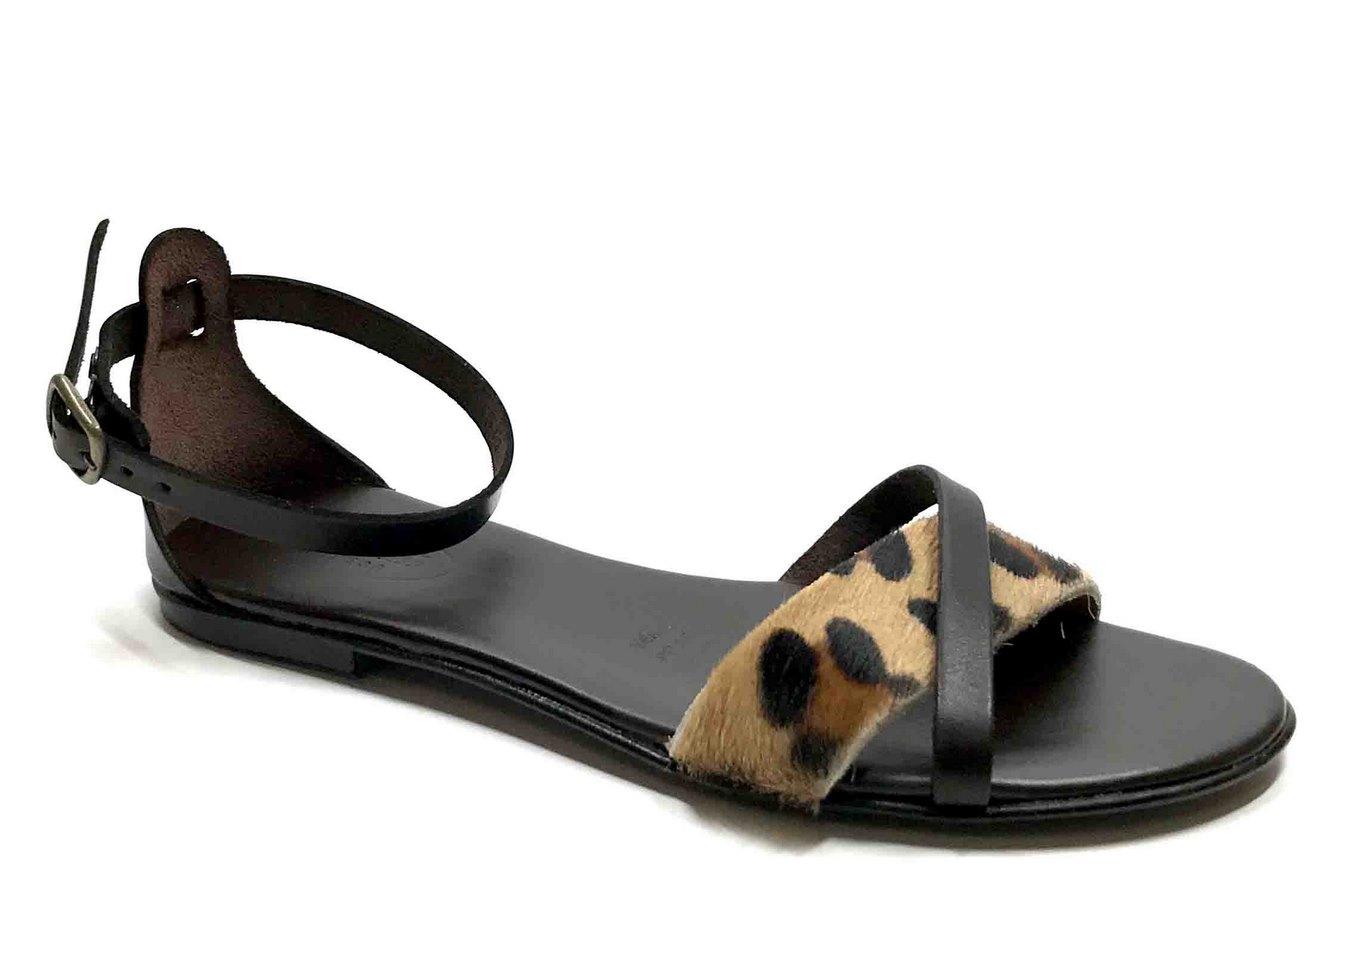 Sandalo con soletta imbottita in vacchetta color Marrone e cavallino maculato